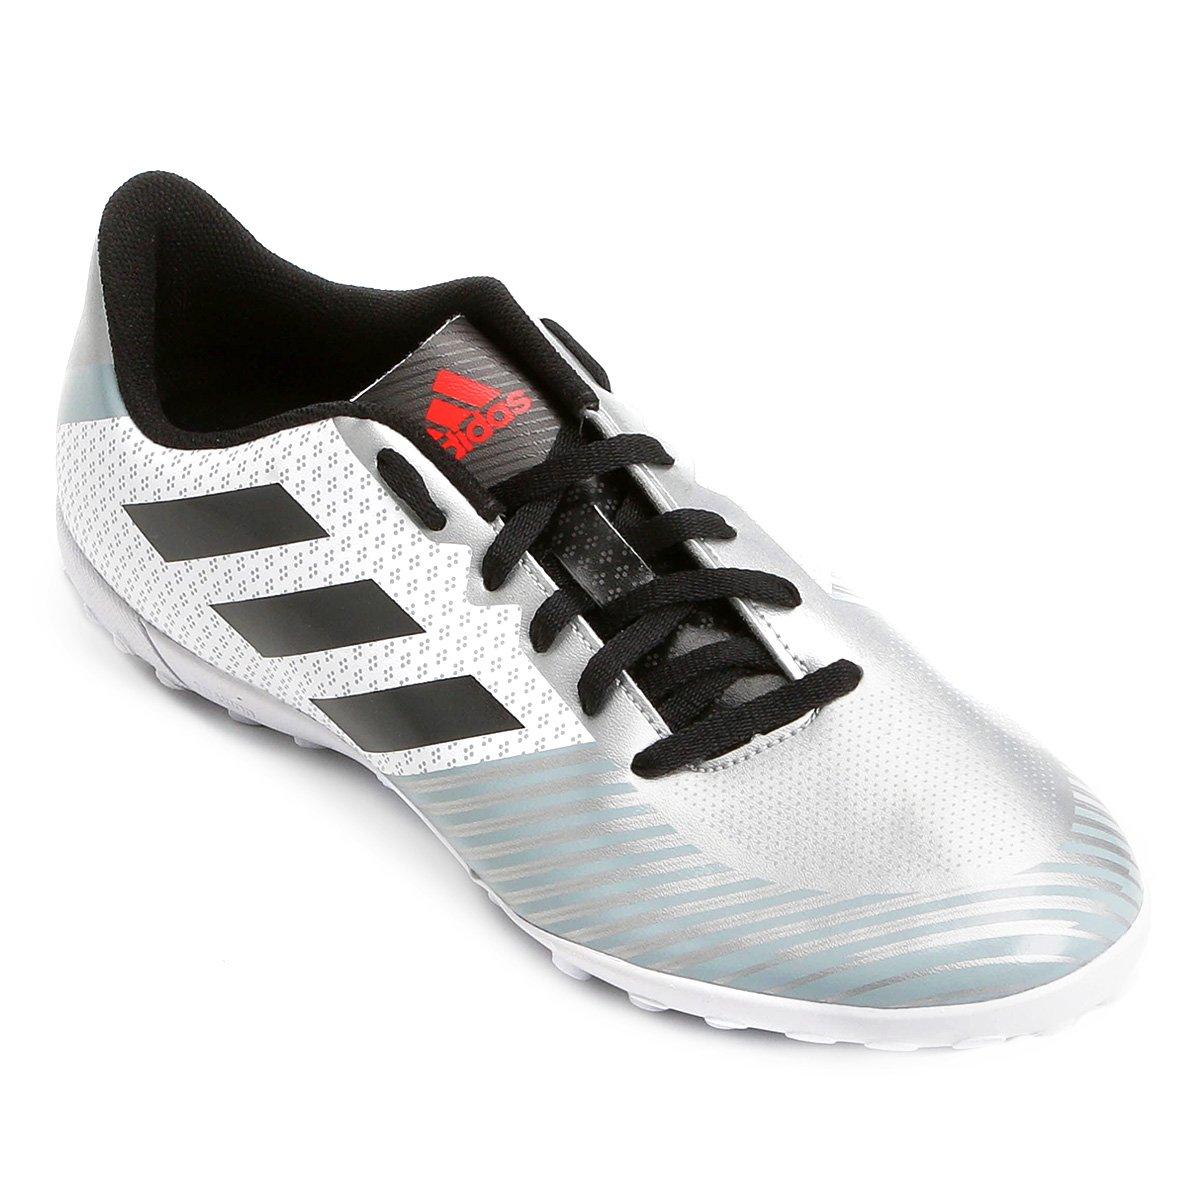 4772a3a646 Chuteira Society Adidas Artilheira 18 TF - Branco e Preto